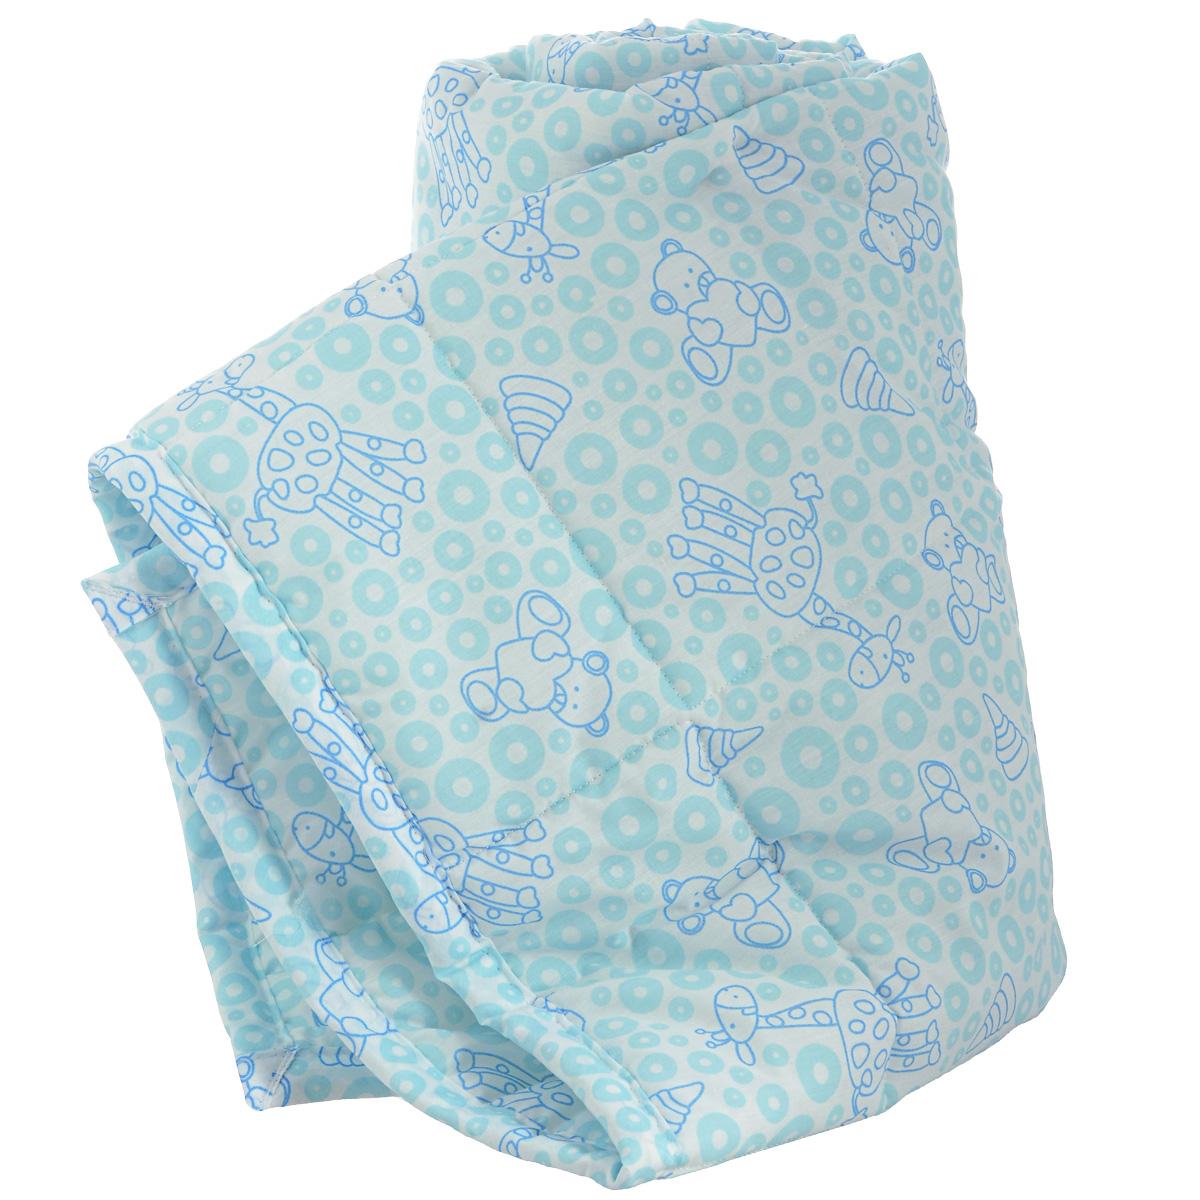 Одеяло детское Baby Nice Жирафы, стеганое, цвет: голубой, 110 см x 140 см. Q0412123Q0412123